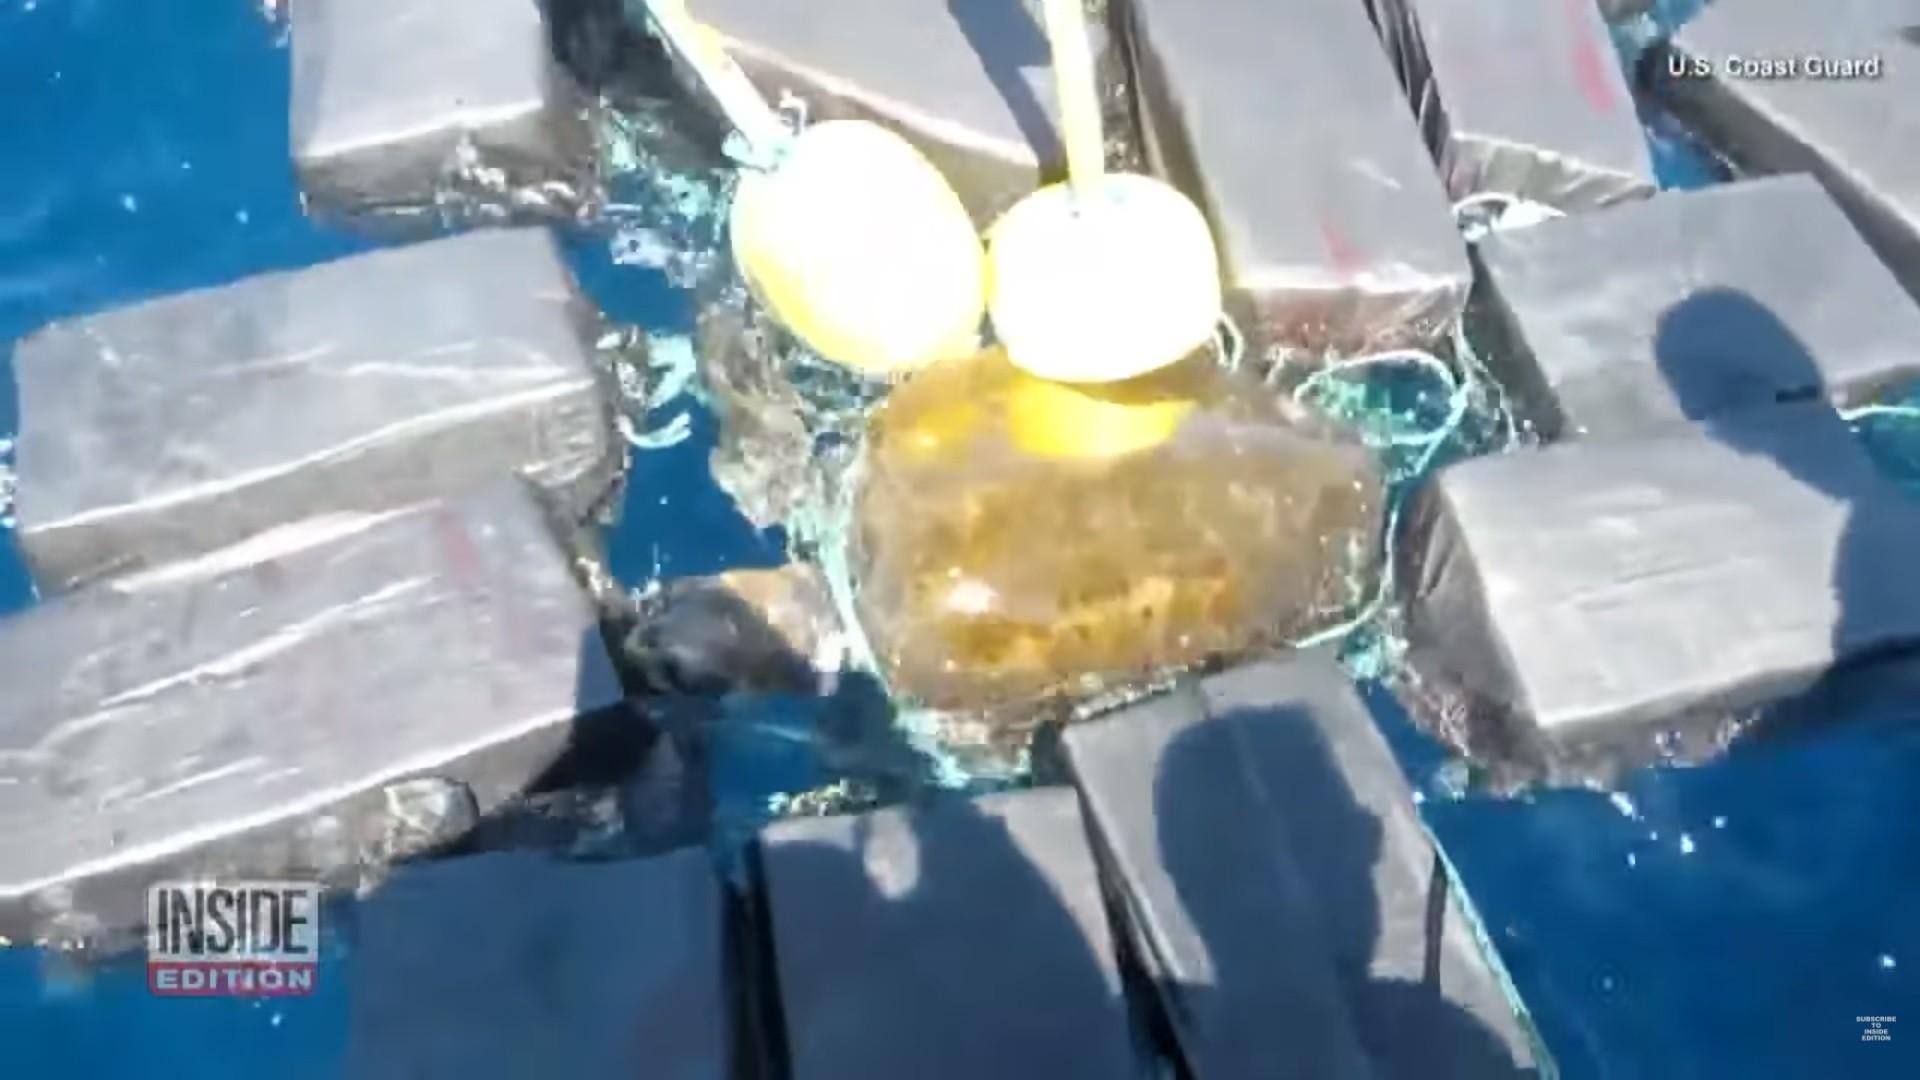 żółw, kokaina, narkotyki przemyt